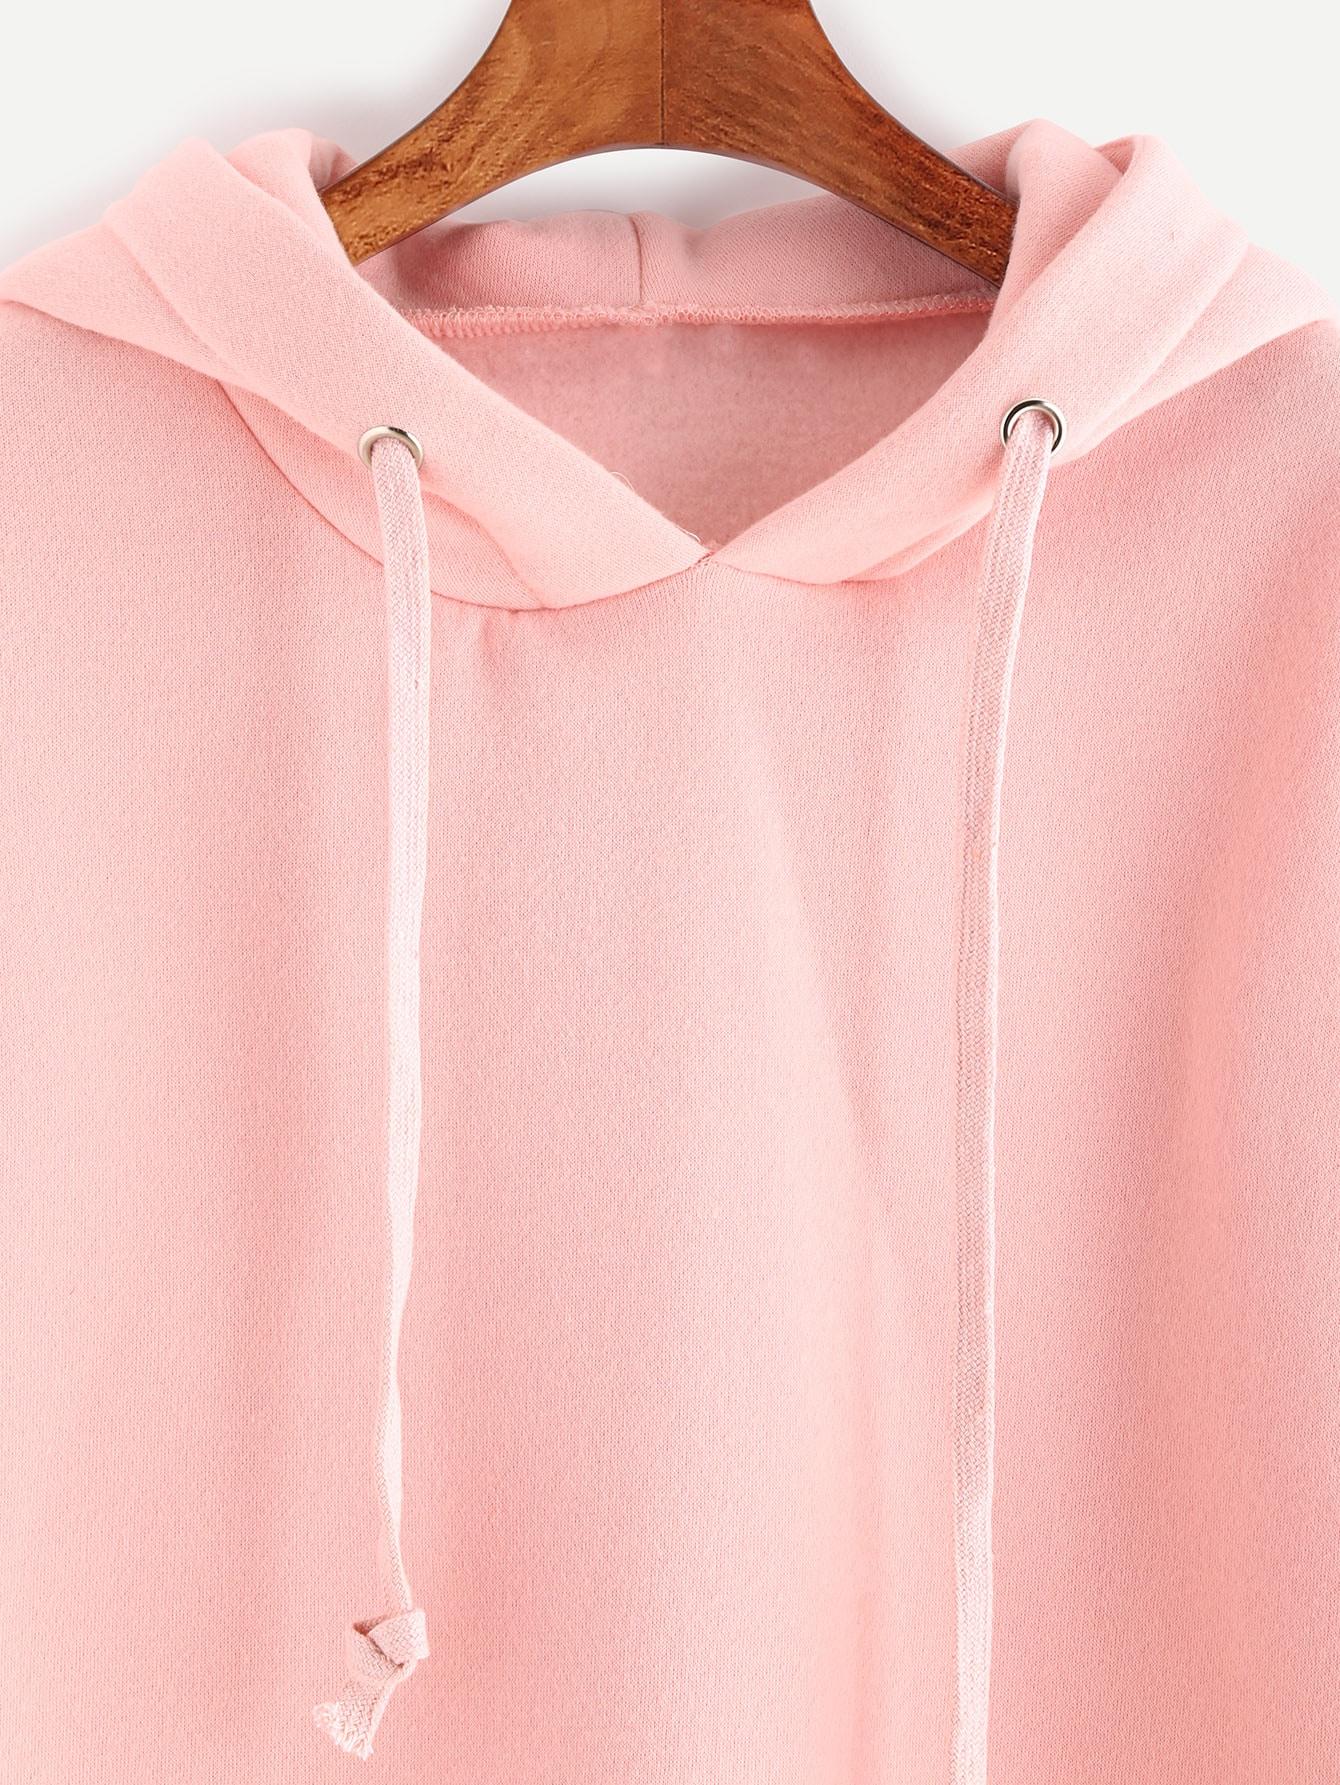 sweatshirt161209103_2